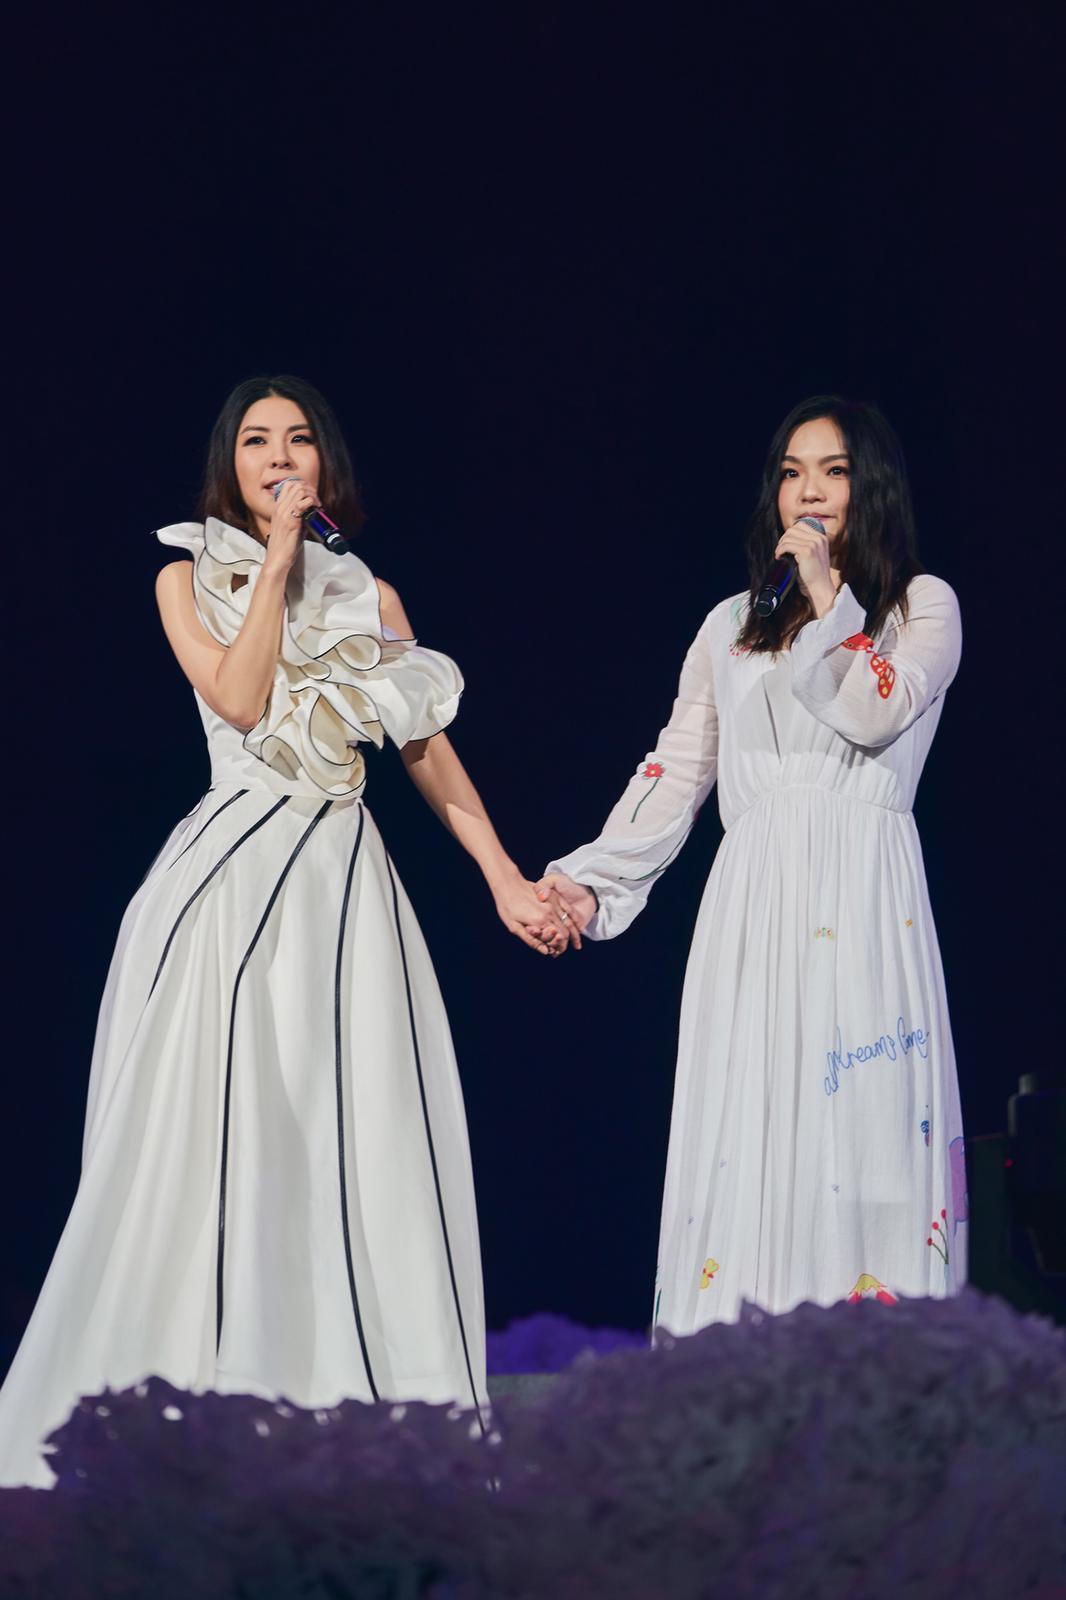 金曲歌后徐佳瑩(右)擔任嘉賓。